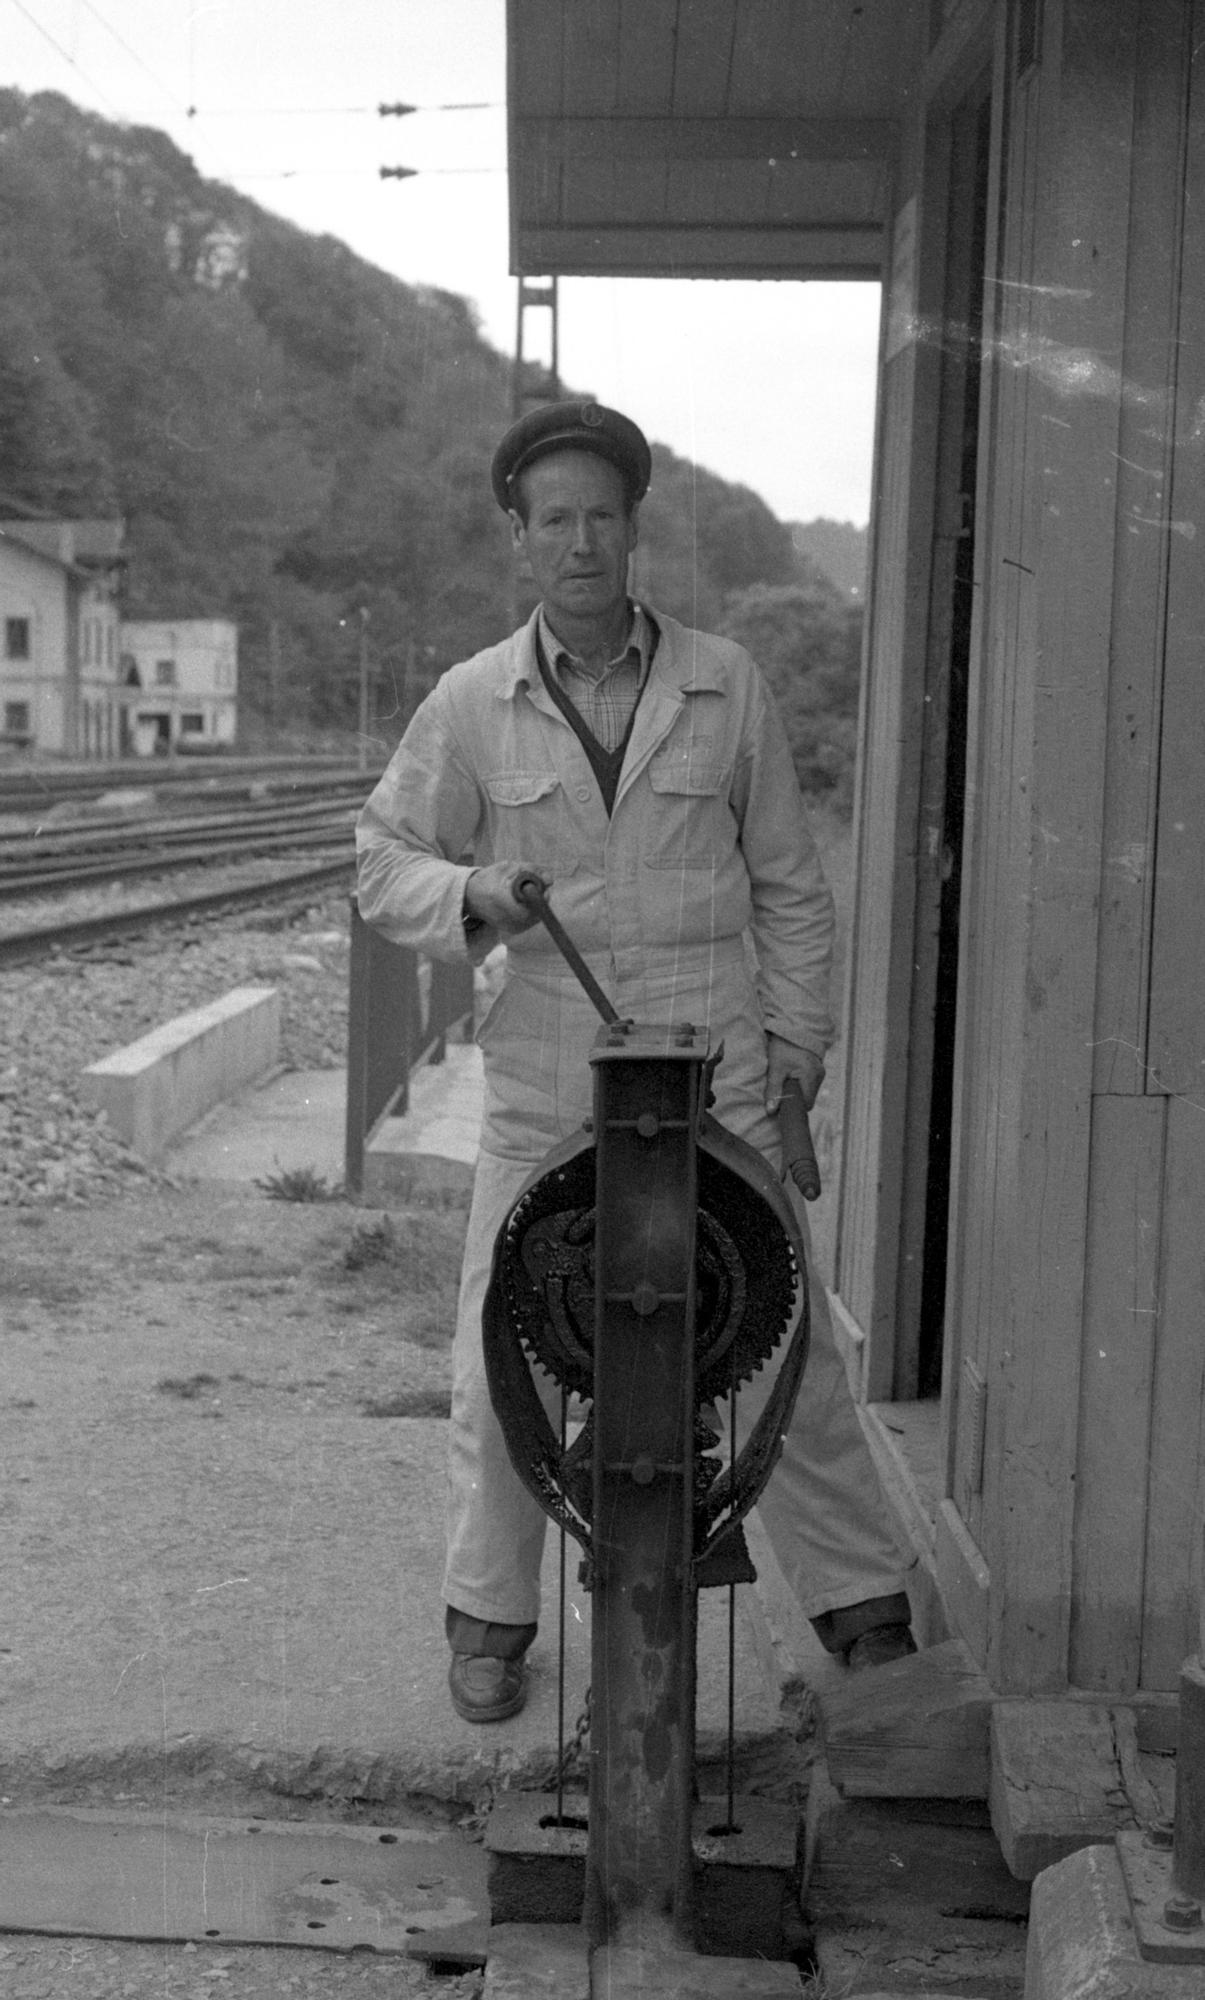 Retrato de uno de los últimos guardagujas de la red de ferrocarriles, h. 1970.